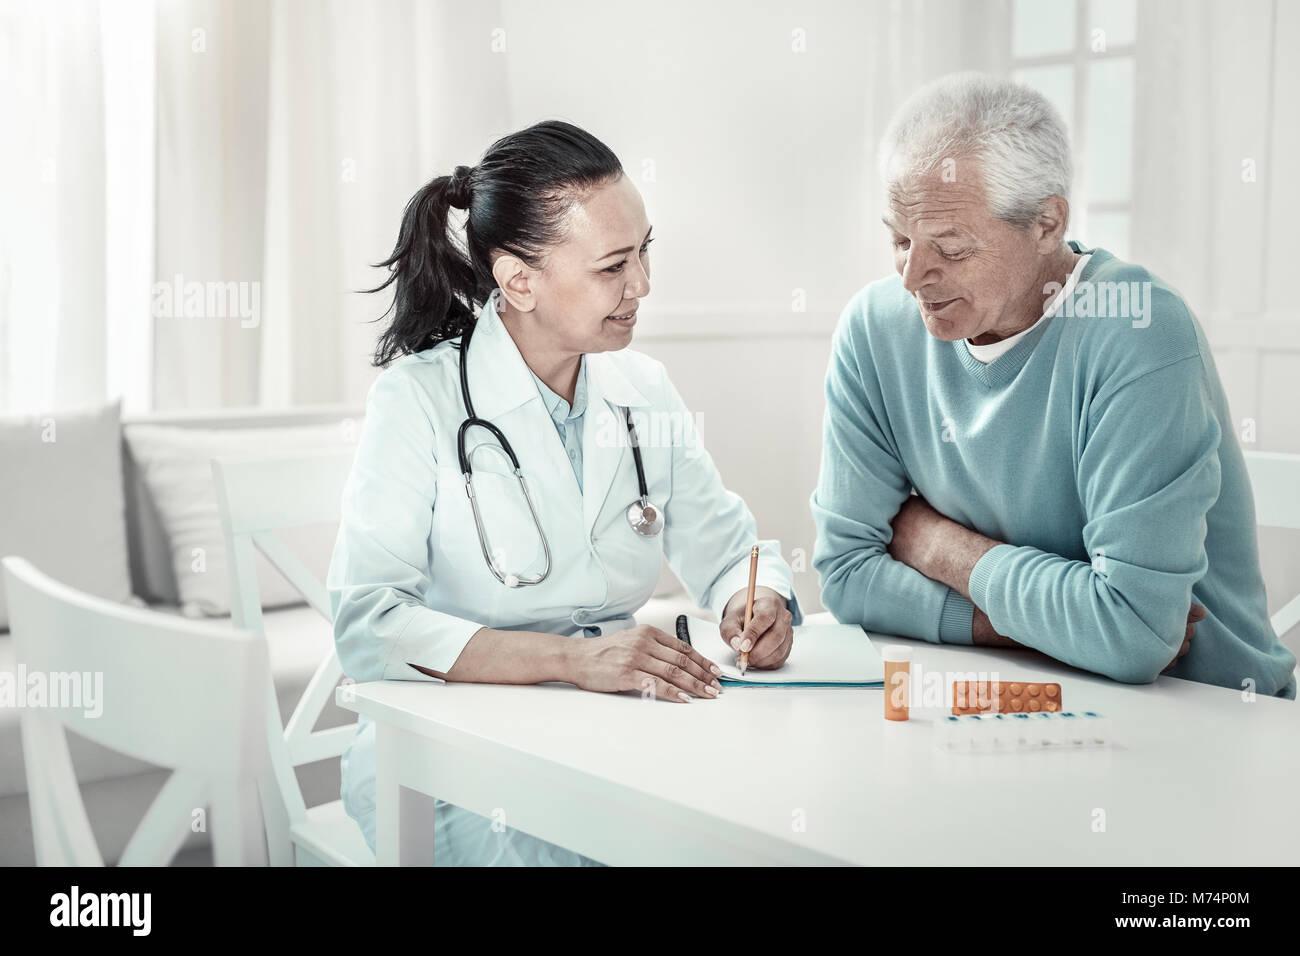 Bastante agradable enfermera dando consejos y escribirlo. Imagen De Stock